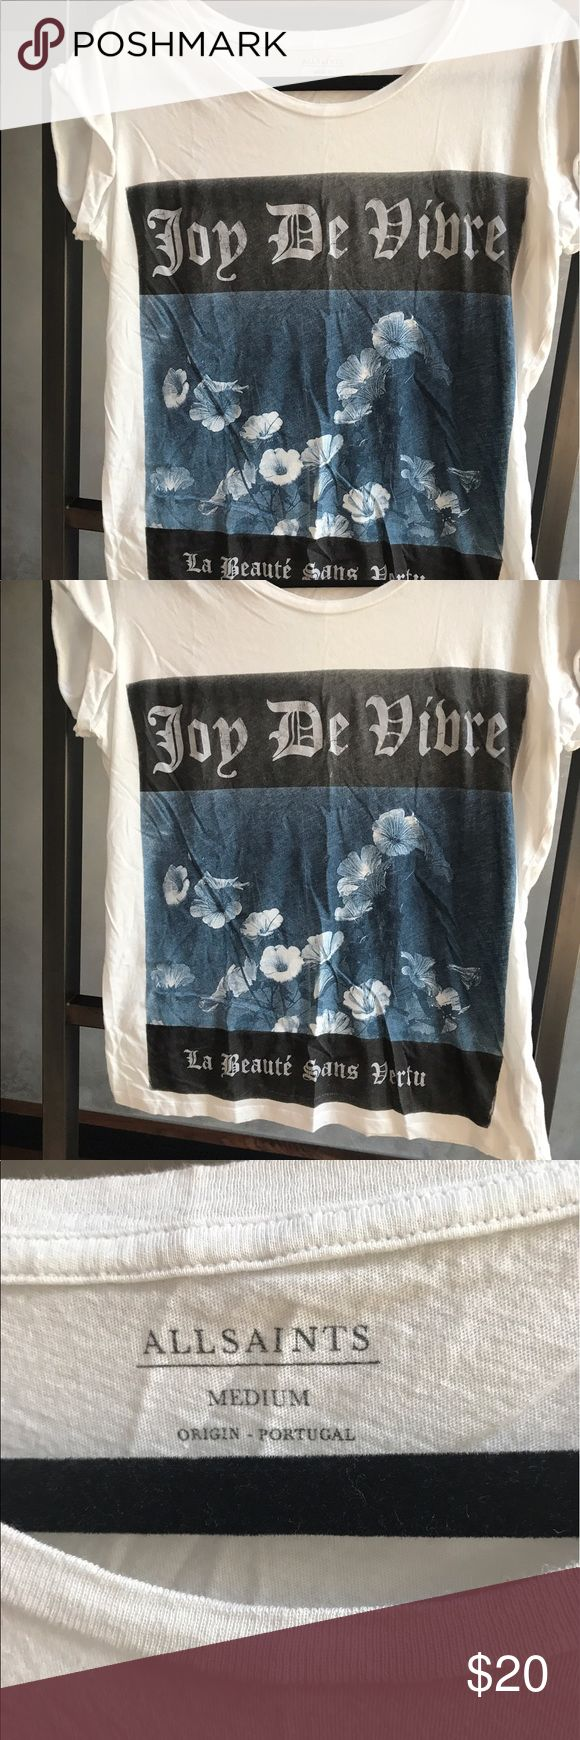 AllSaints Tshirt Joie De Vivre AllSaints tshirt with joie de vivre print on it. Size medium. White with black and blue print. Vintage feel. All Saints Tops Tees - Short Sleeve